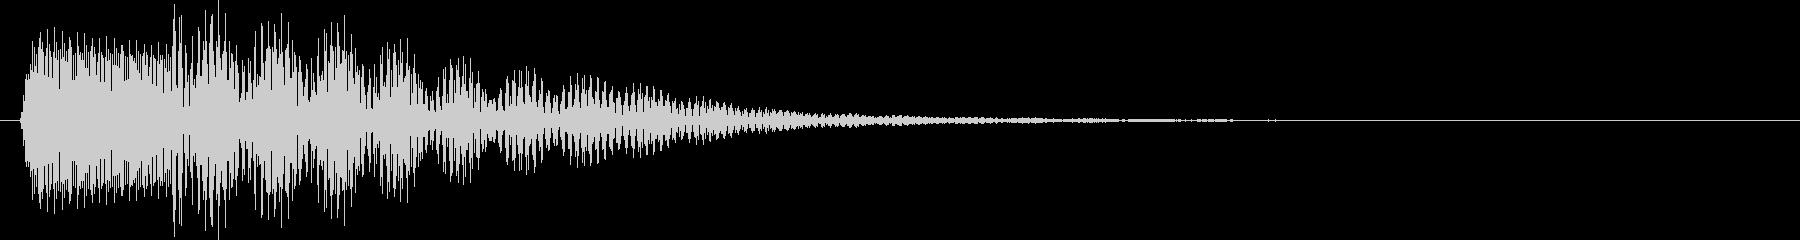 ピコッ(スコアカウンター音)の未再生の波形